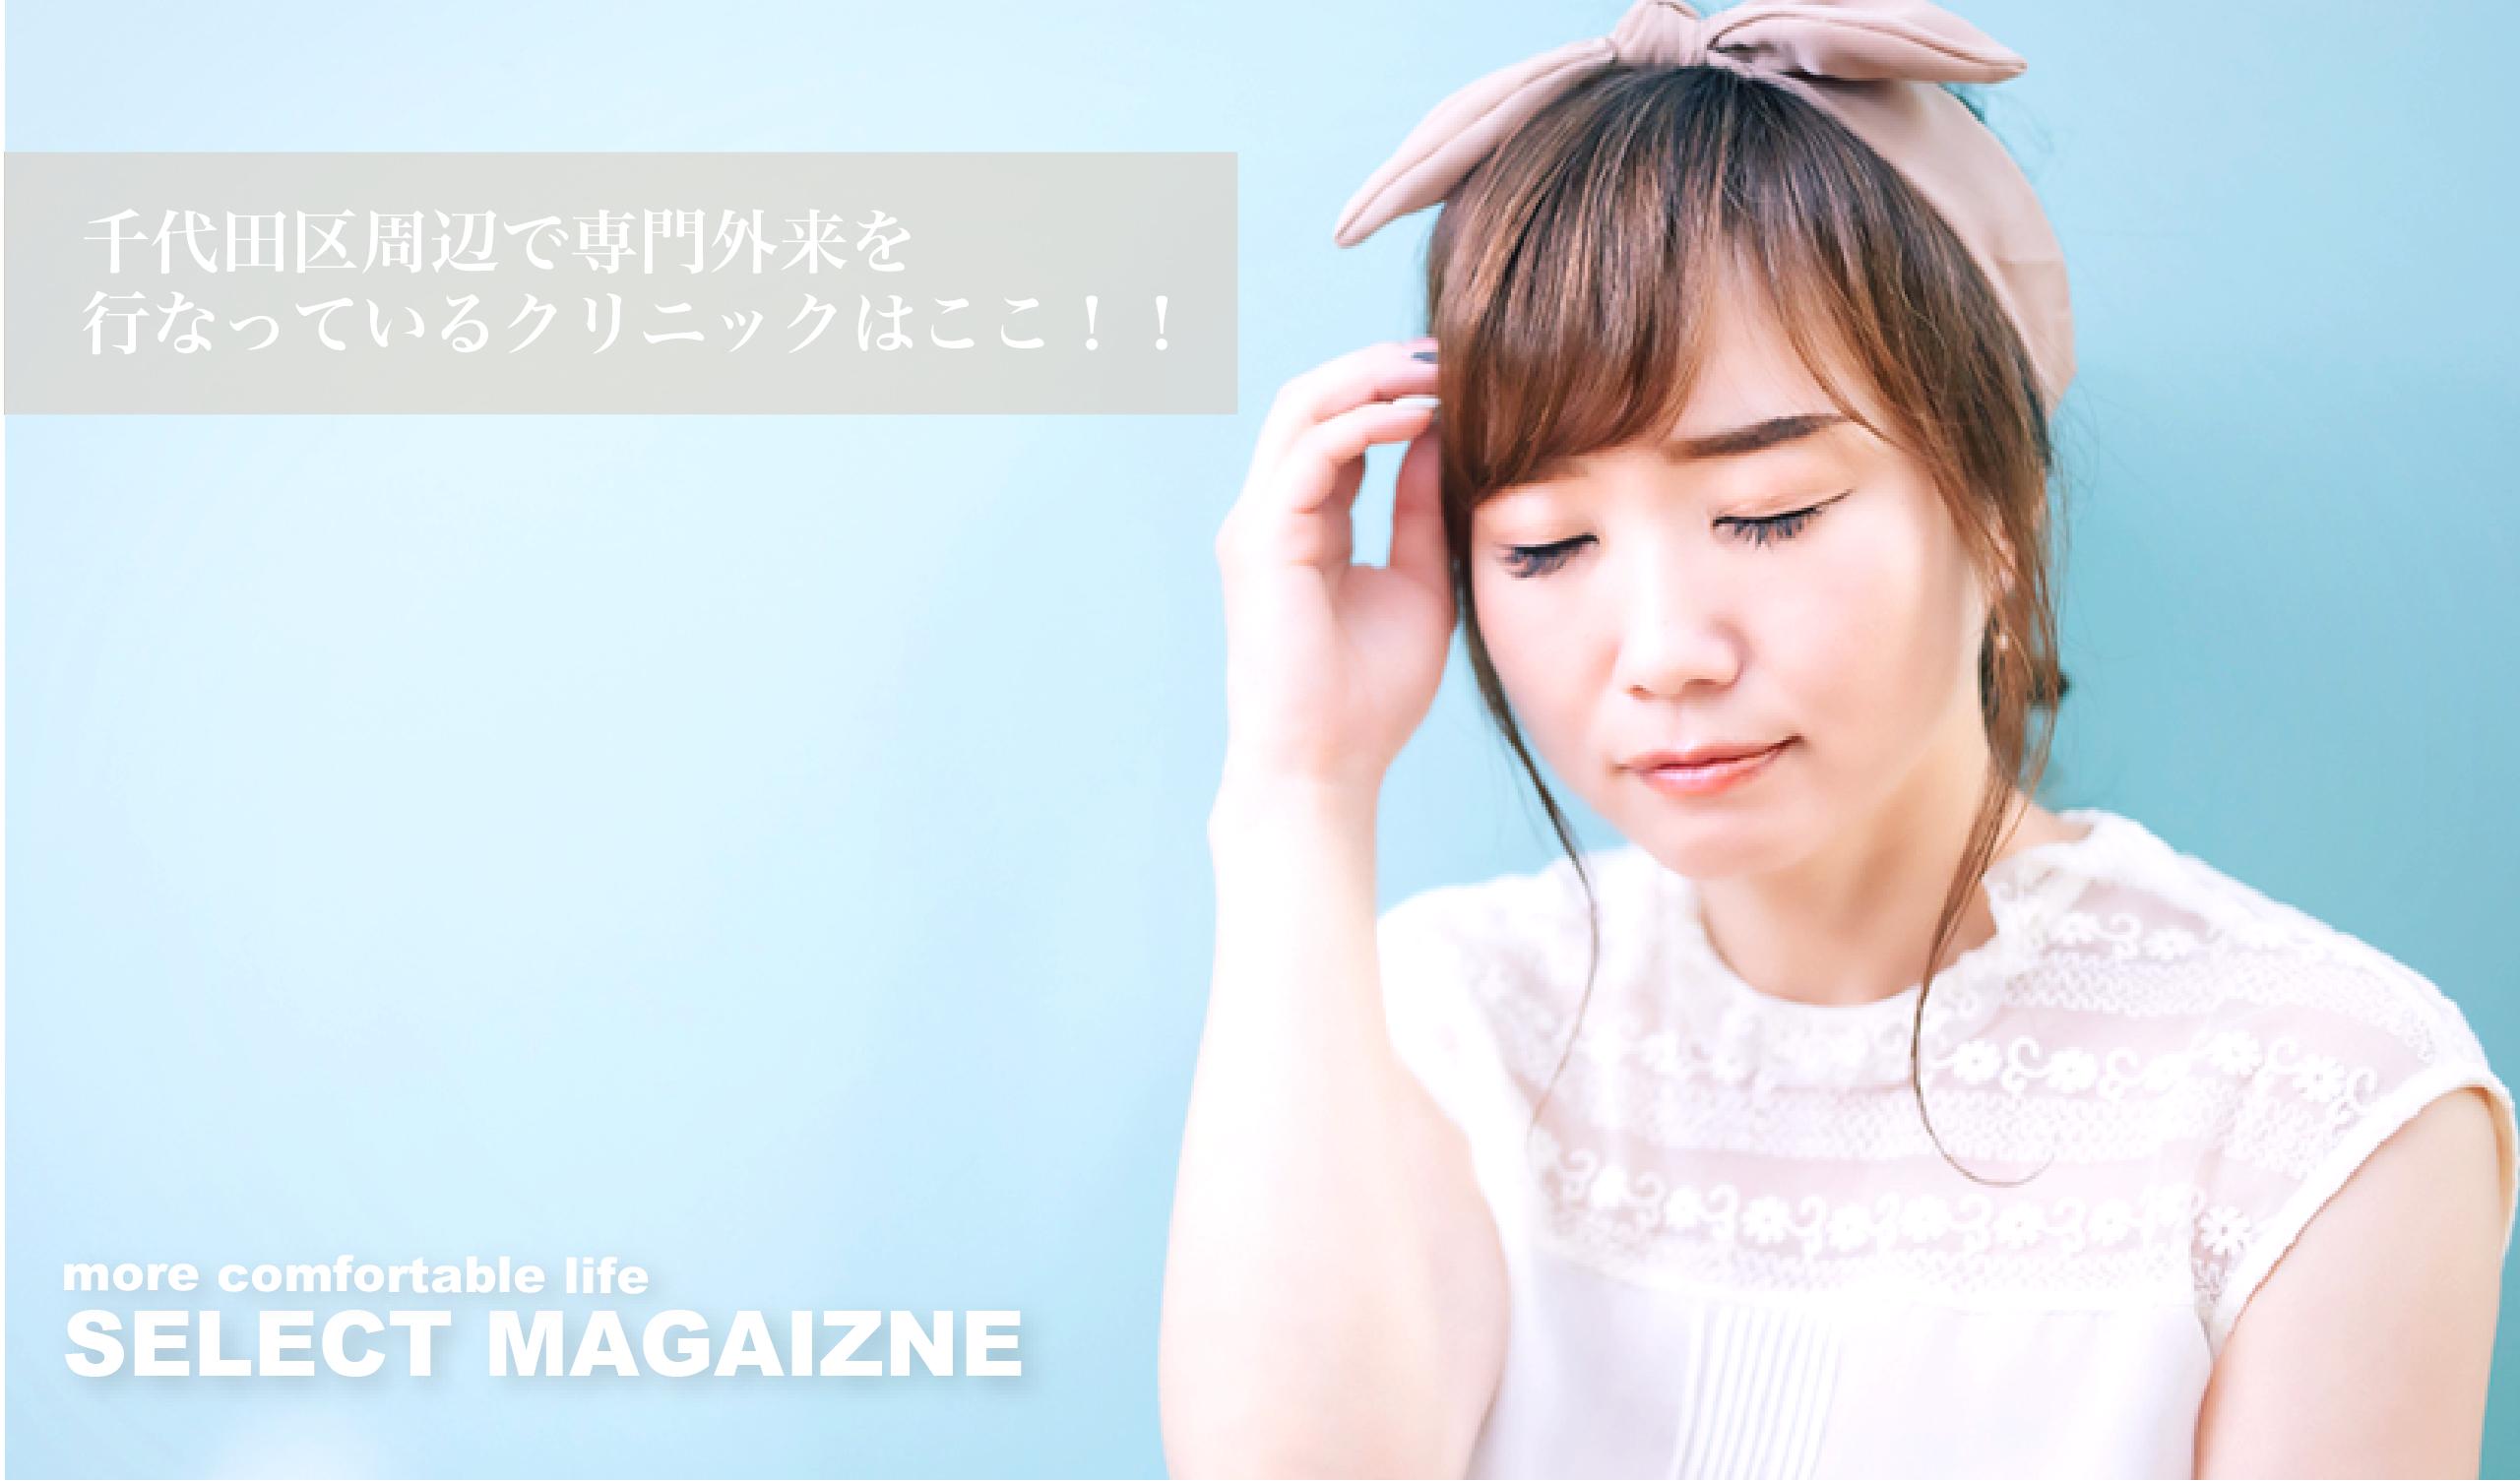 千代田区周辺で頭痛の専門外来を行なっているクリニックはここ! 千代田区